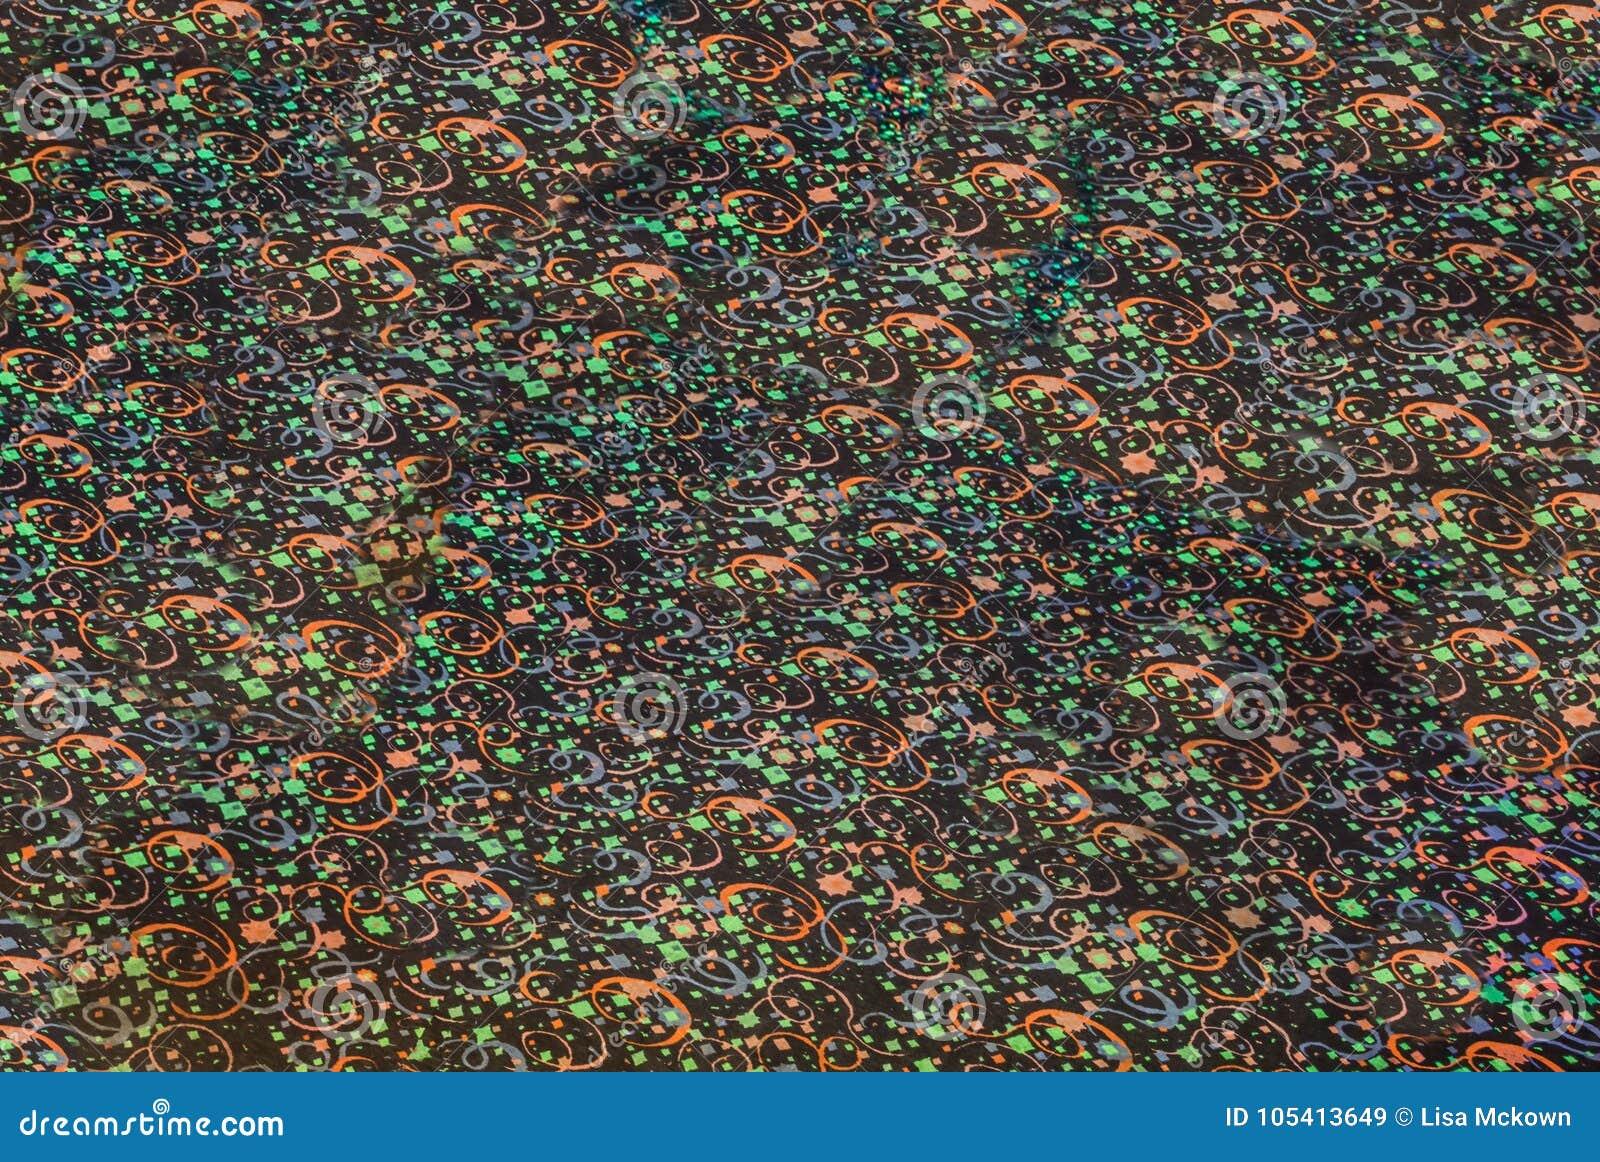 Seamless Pattern Of An 80s Paint Splash Texture Stock Illustration